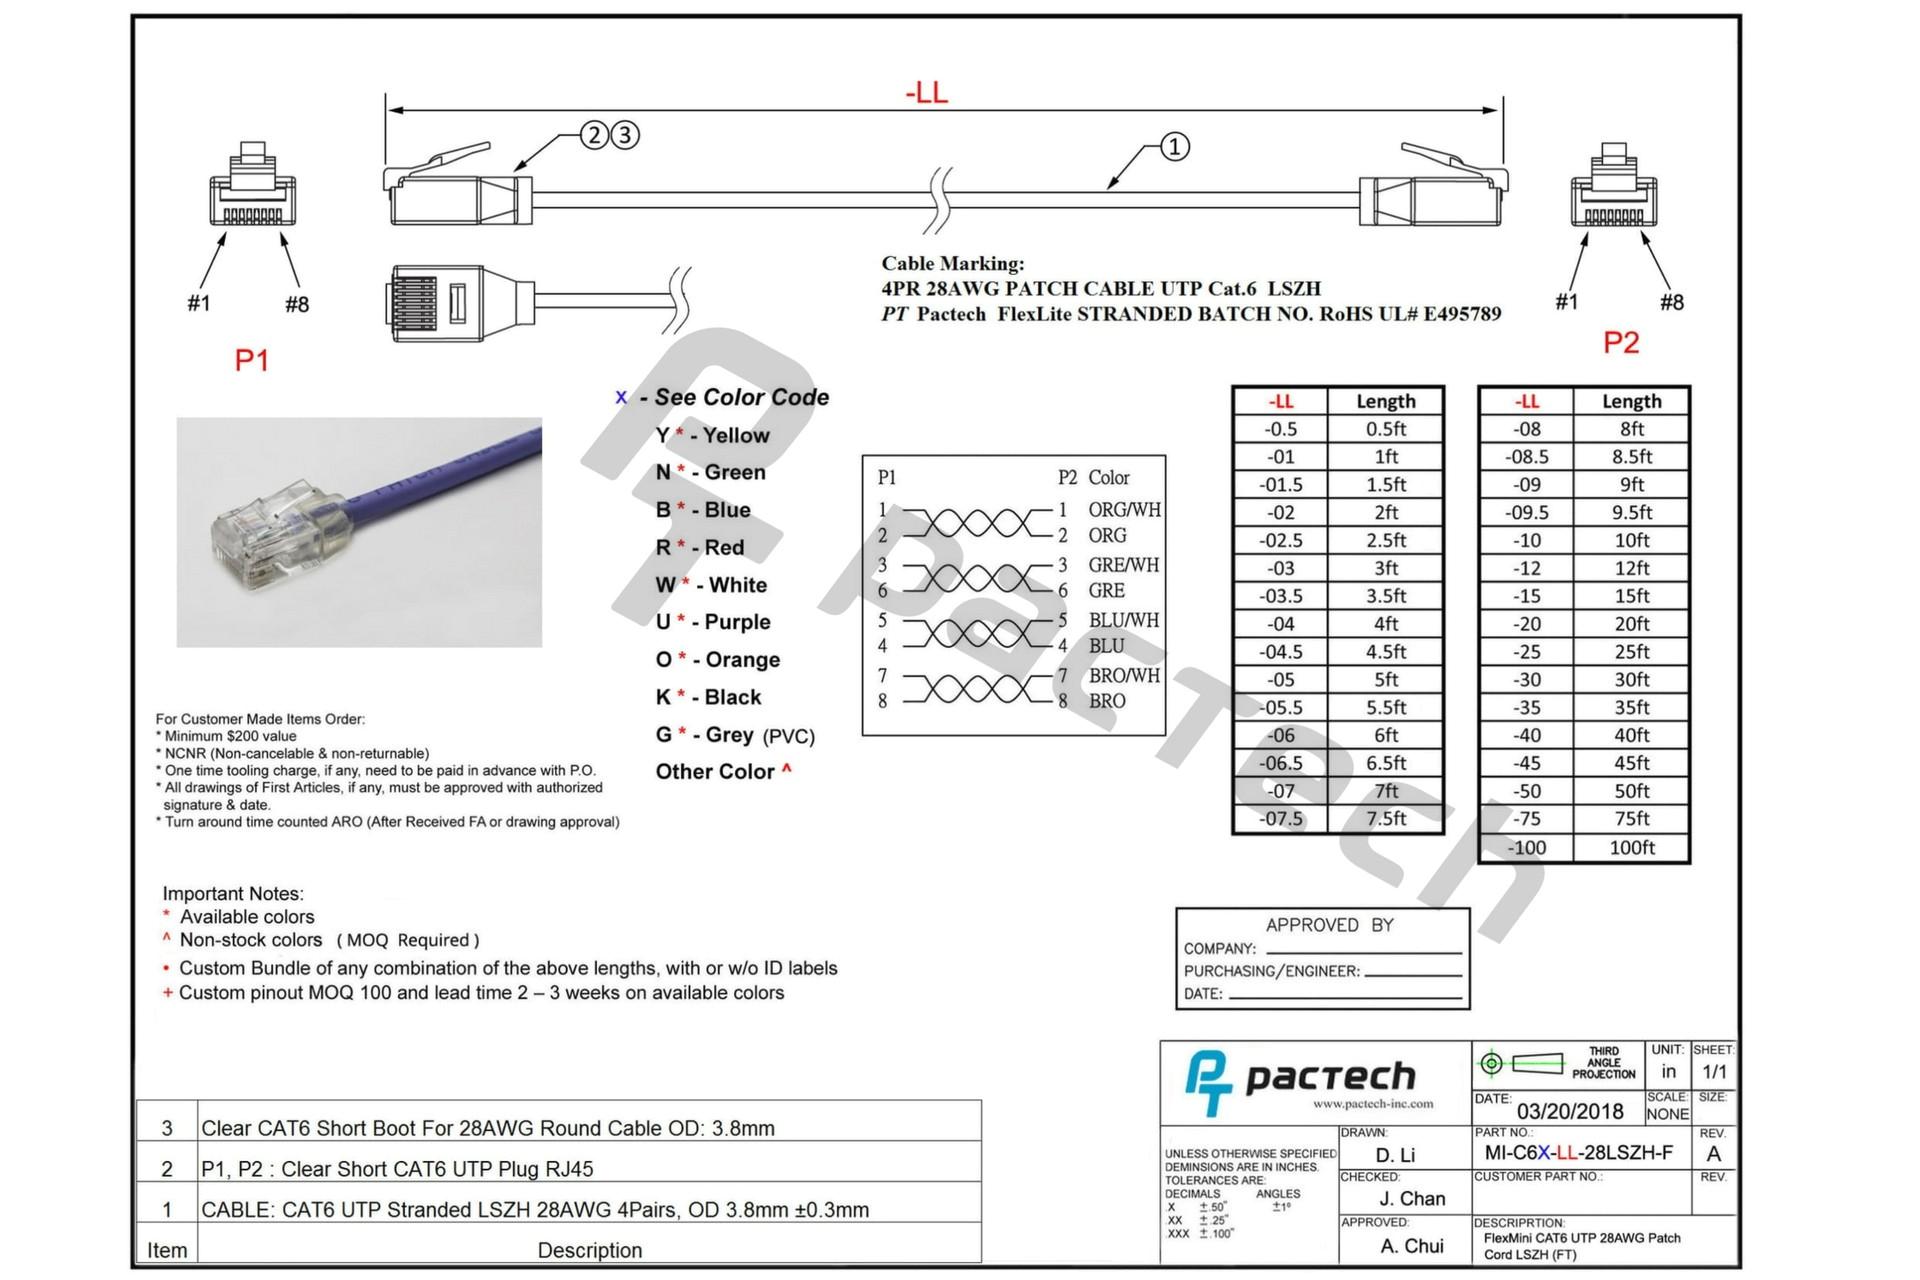 Modular Phone Jack Wiring Diagram Rj14 Wiring Jack Wiring Diagram Technic